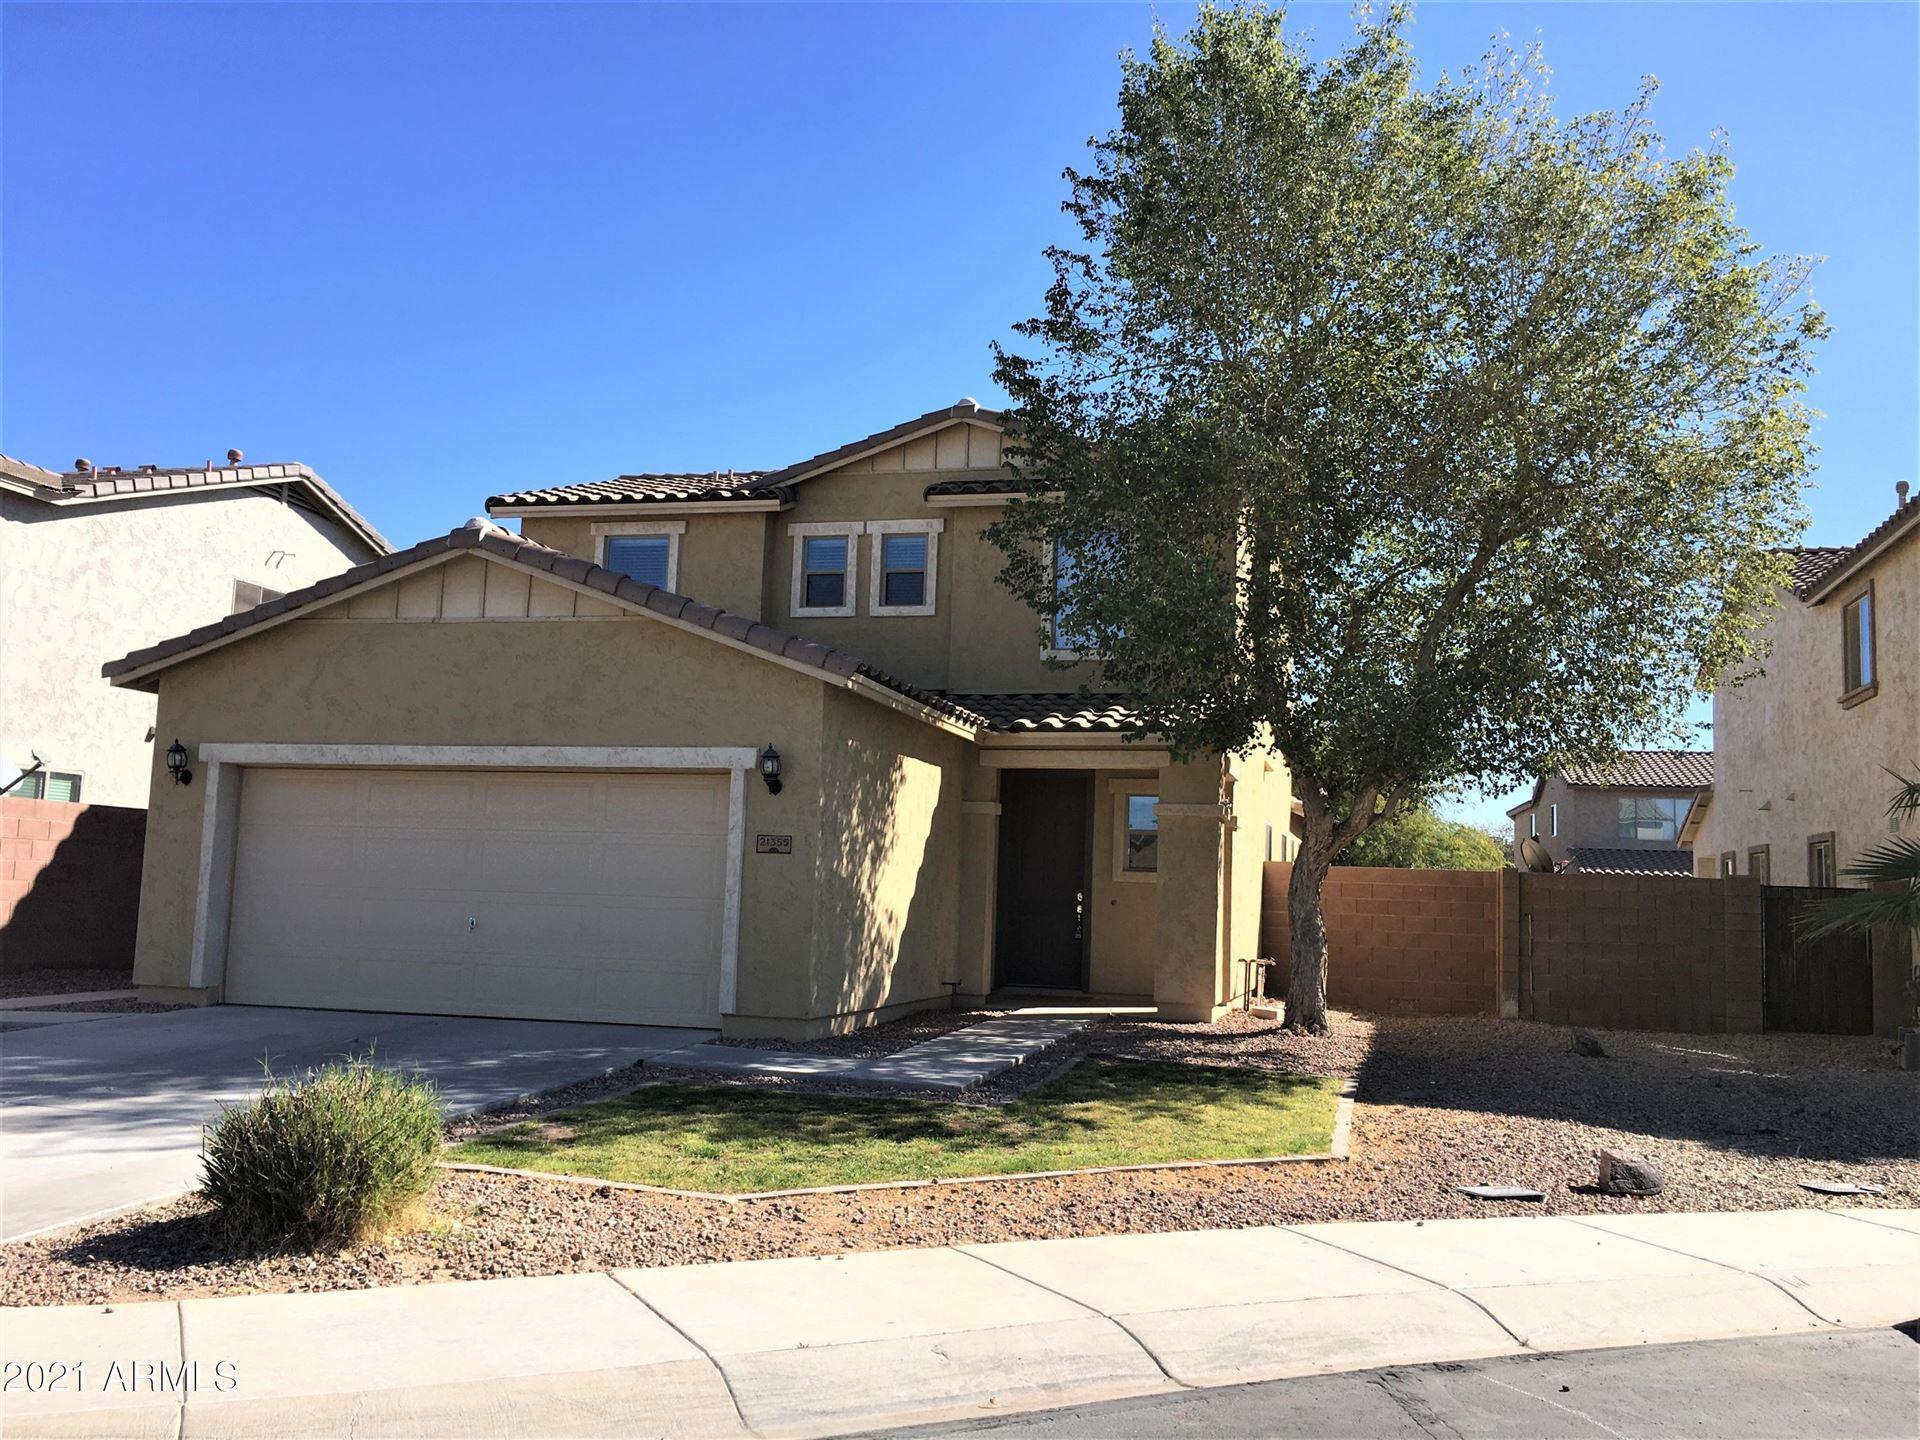 Photo of 21355 N CECIL Court, Maricopa, AZ 85138 (MLS # 6202042)